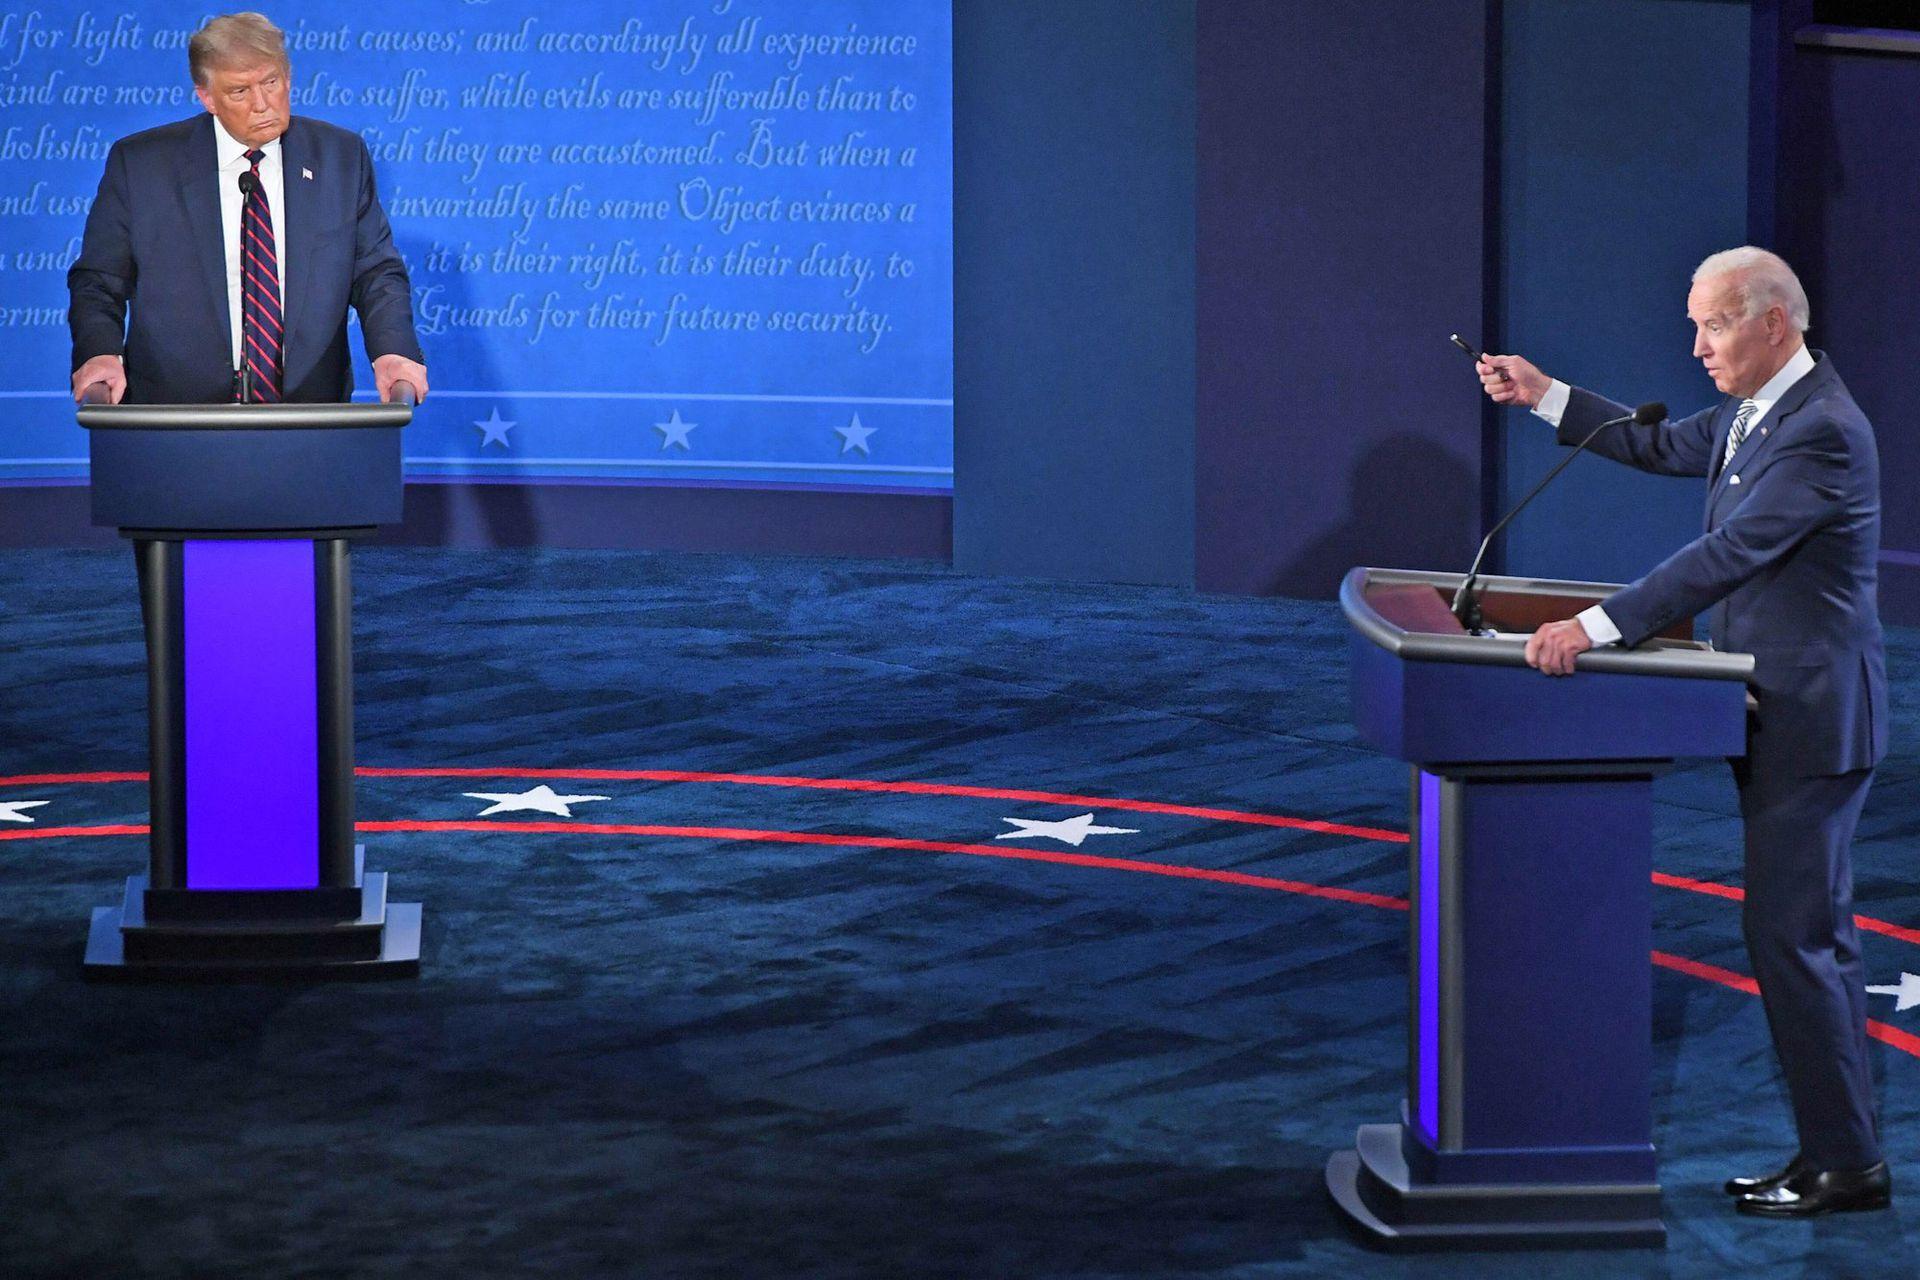 UN CRUCE SIN CONCESIONES. El candidato demócrata, Joe Biden, hace uso de la palabra ante la reprobatoria mirada de Trump, durante el primer debate presidencial en Cleveland, Ohio, el 29 de septiembre